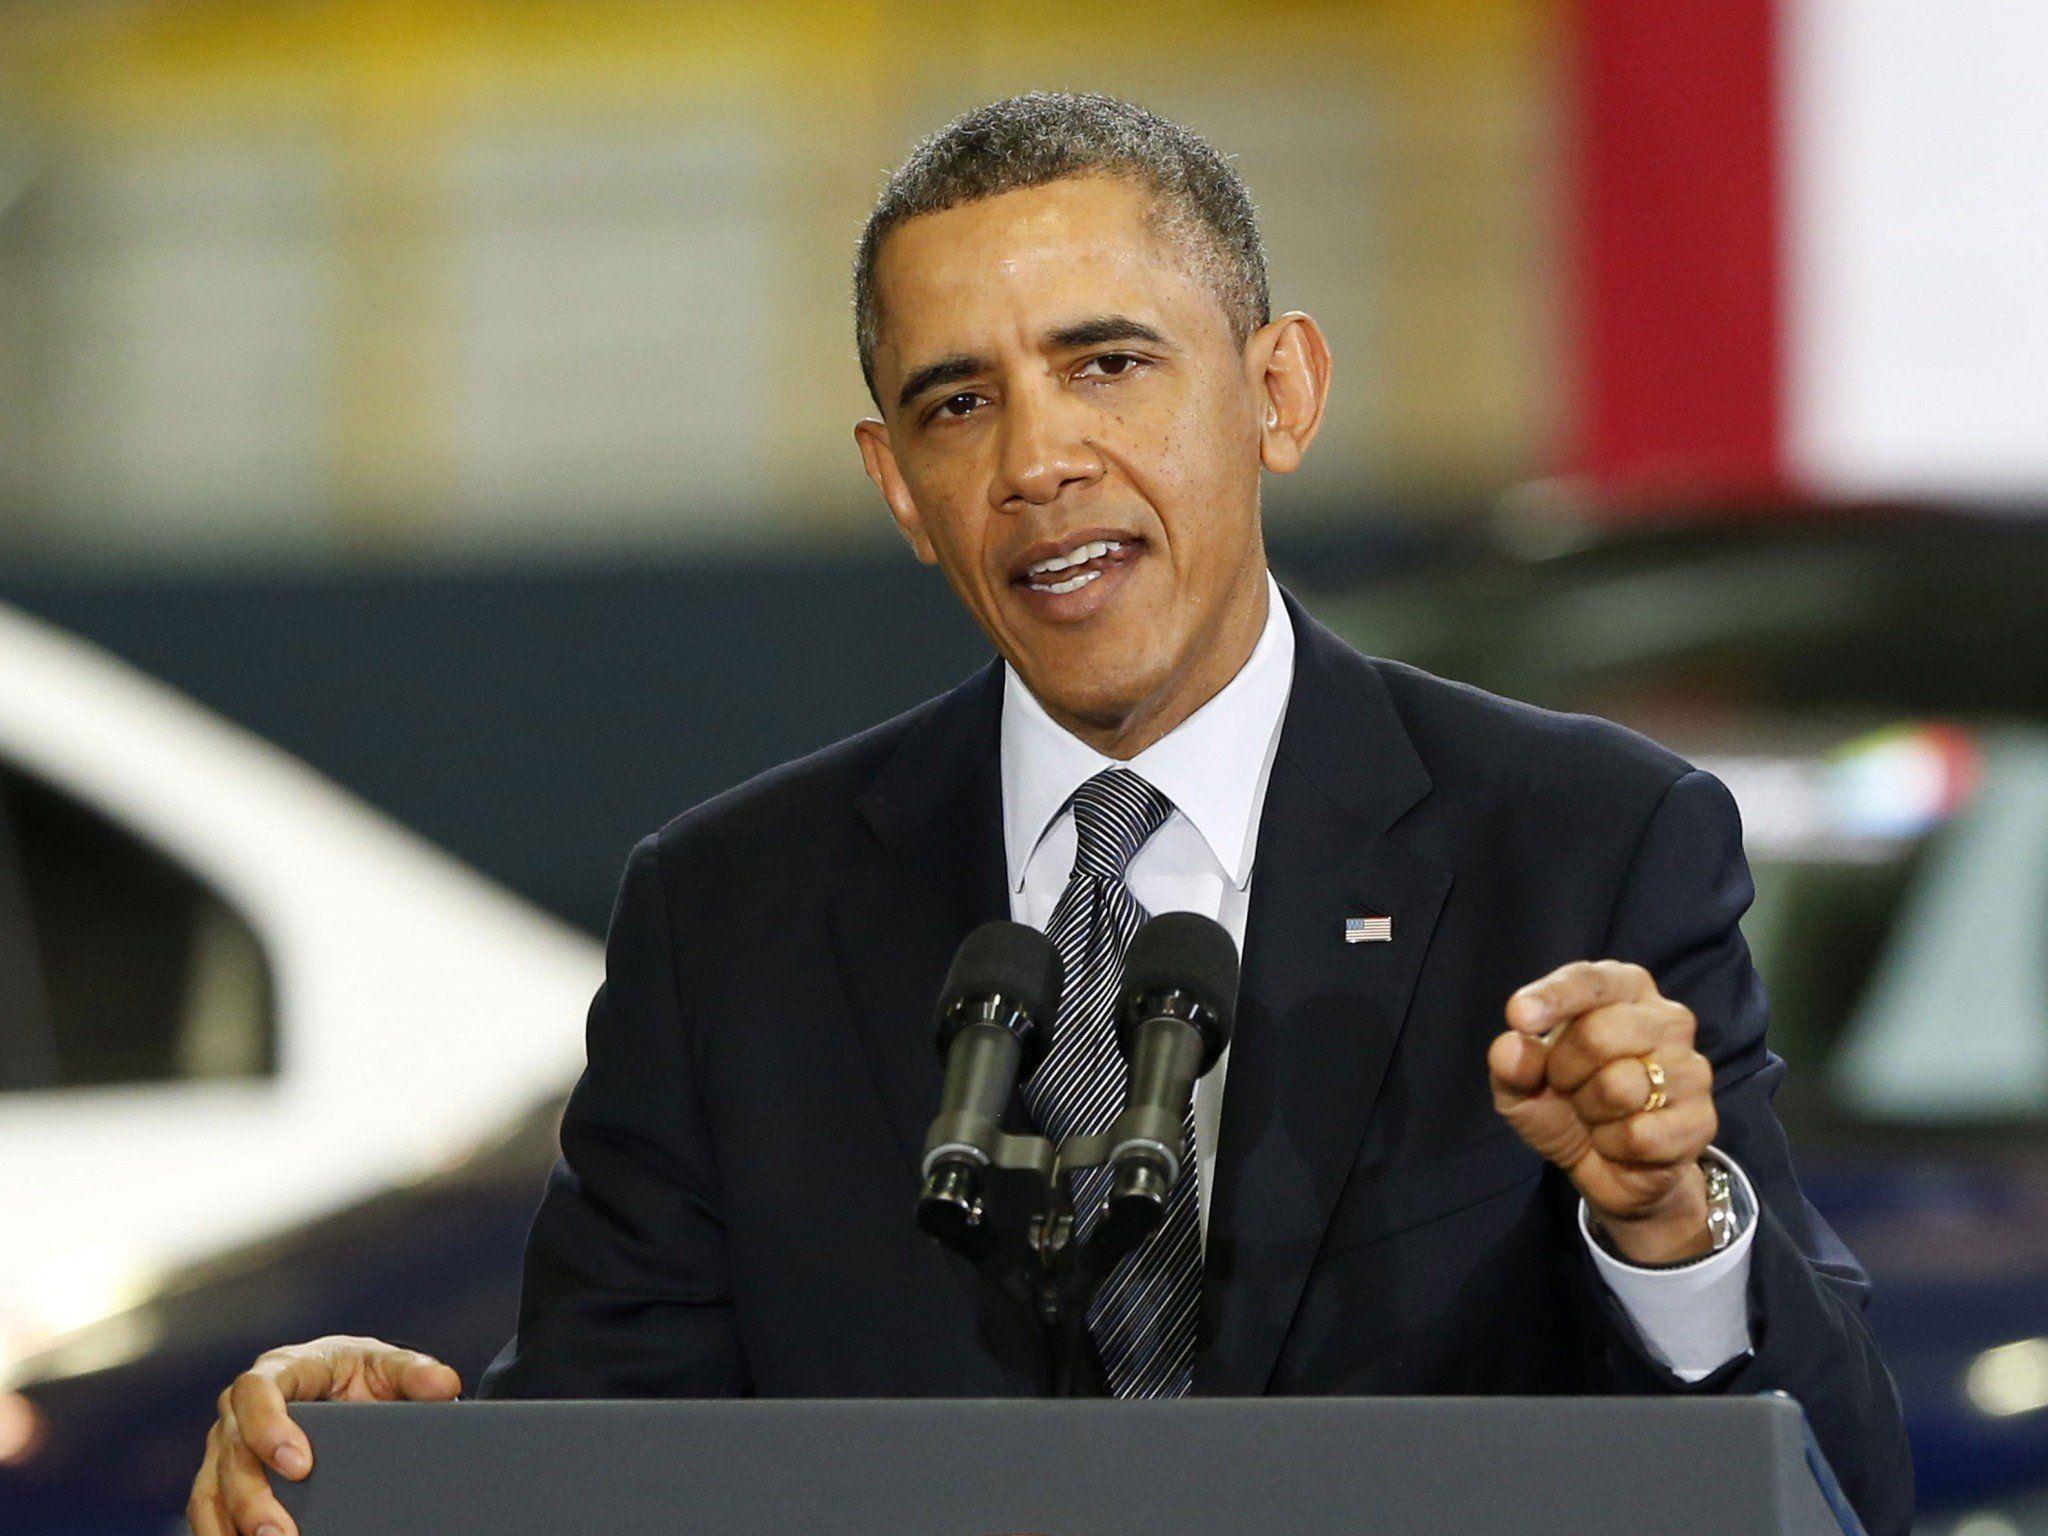 US-Präsident will zuhören und nicht drängen oder tadeln.